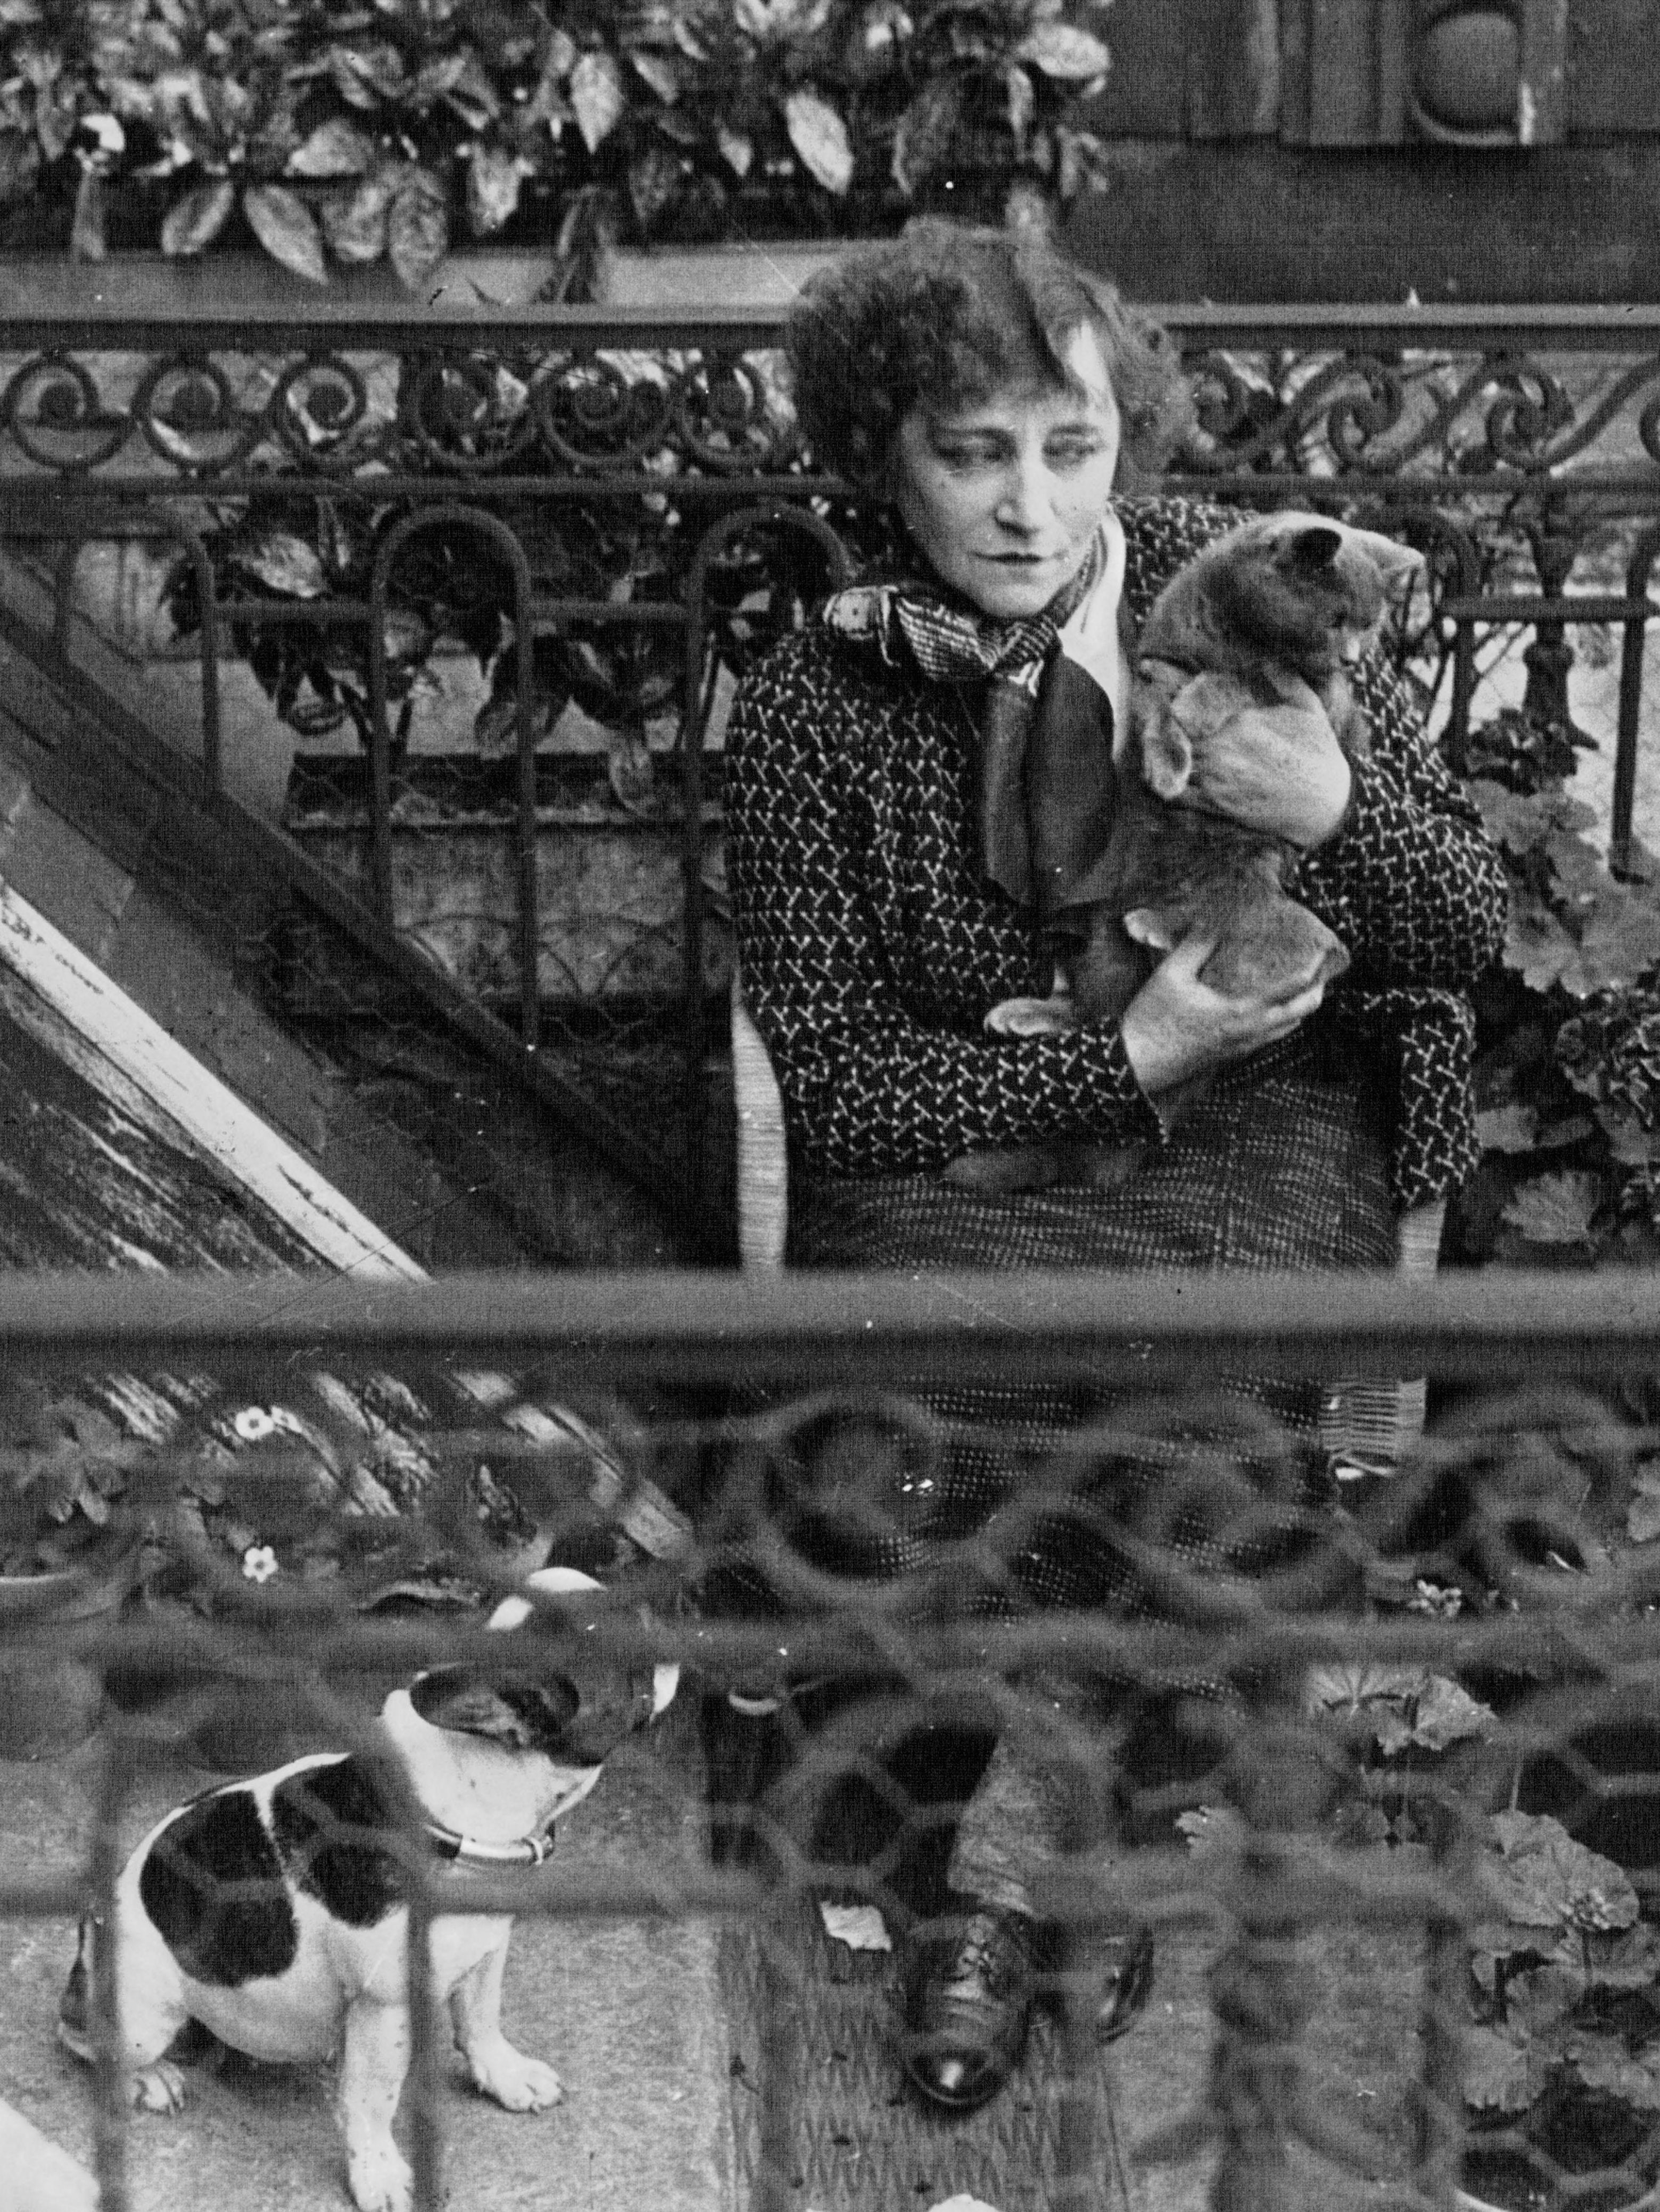 File:Colette 1932 (3).jpg